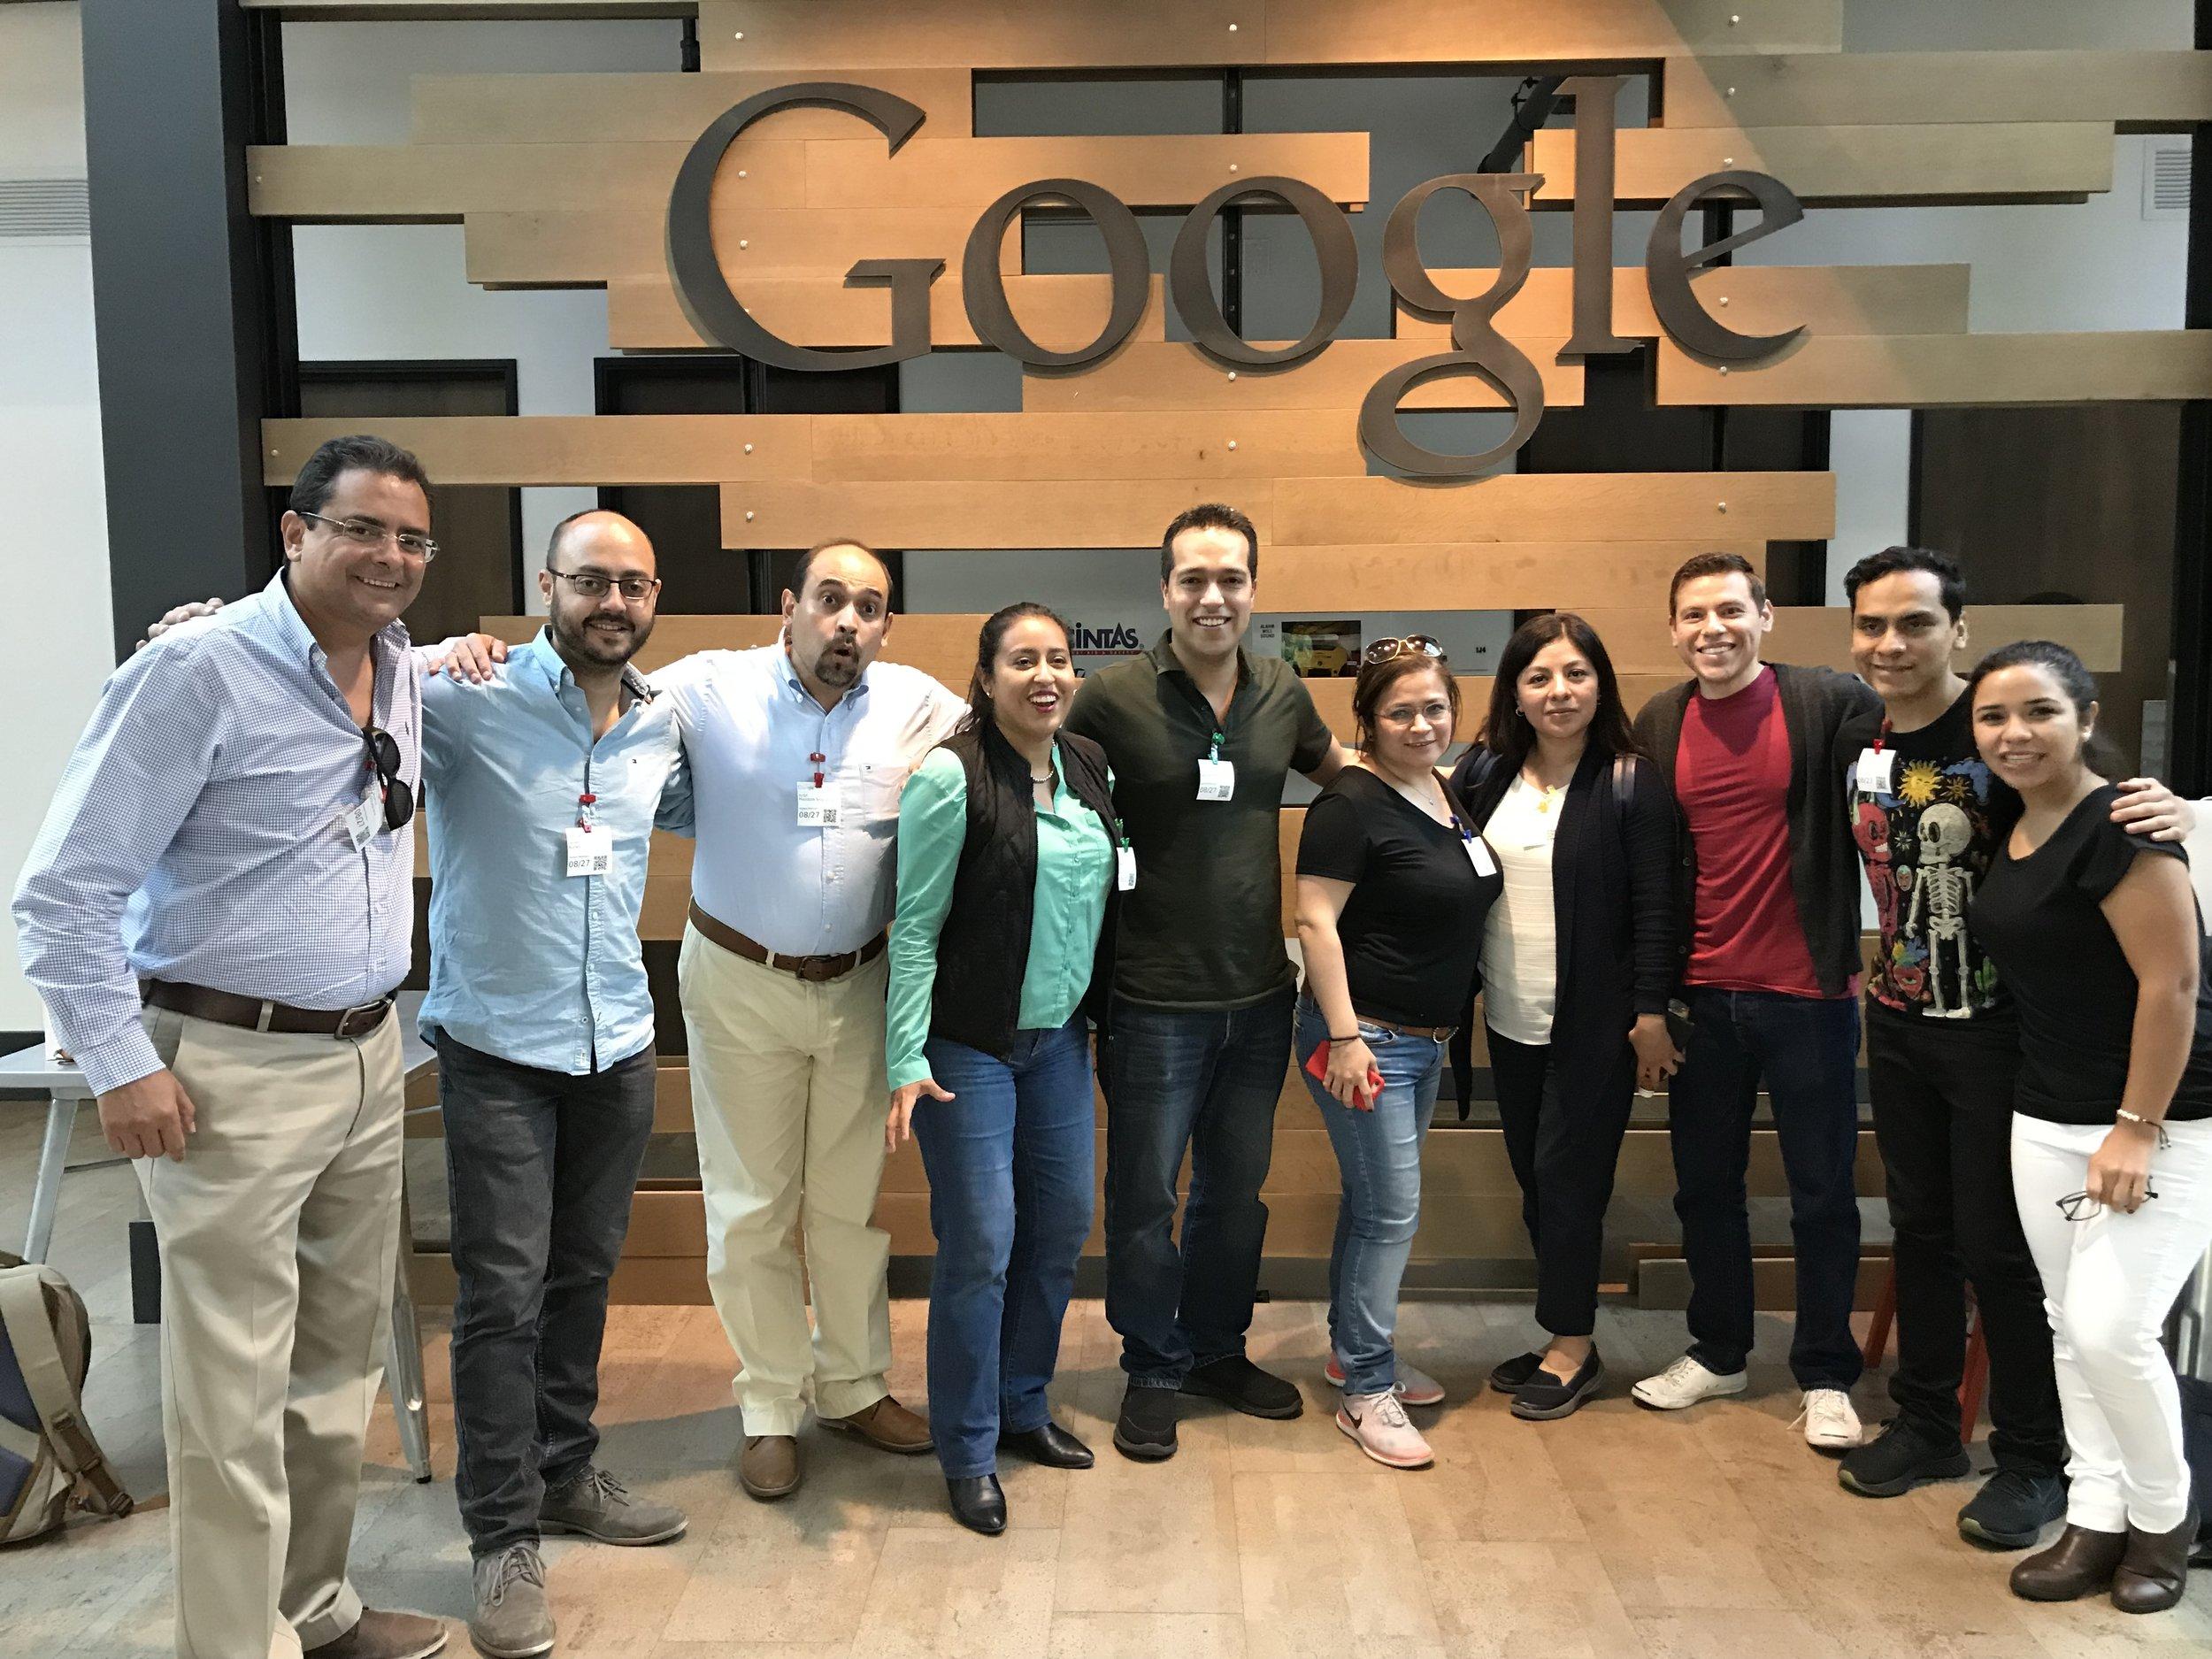 Foto dentro de las oficinas de Google con estudiantes de maestría de la UNAM.